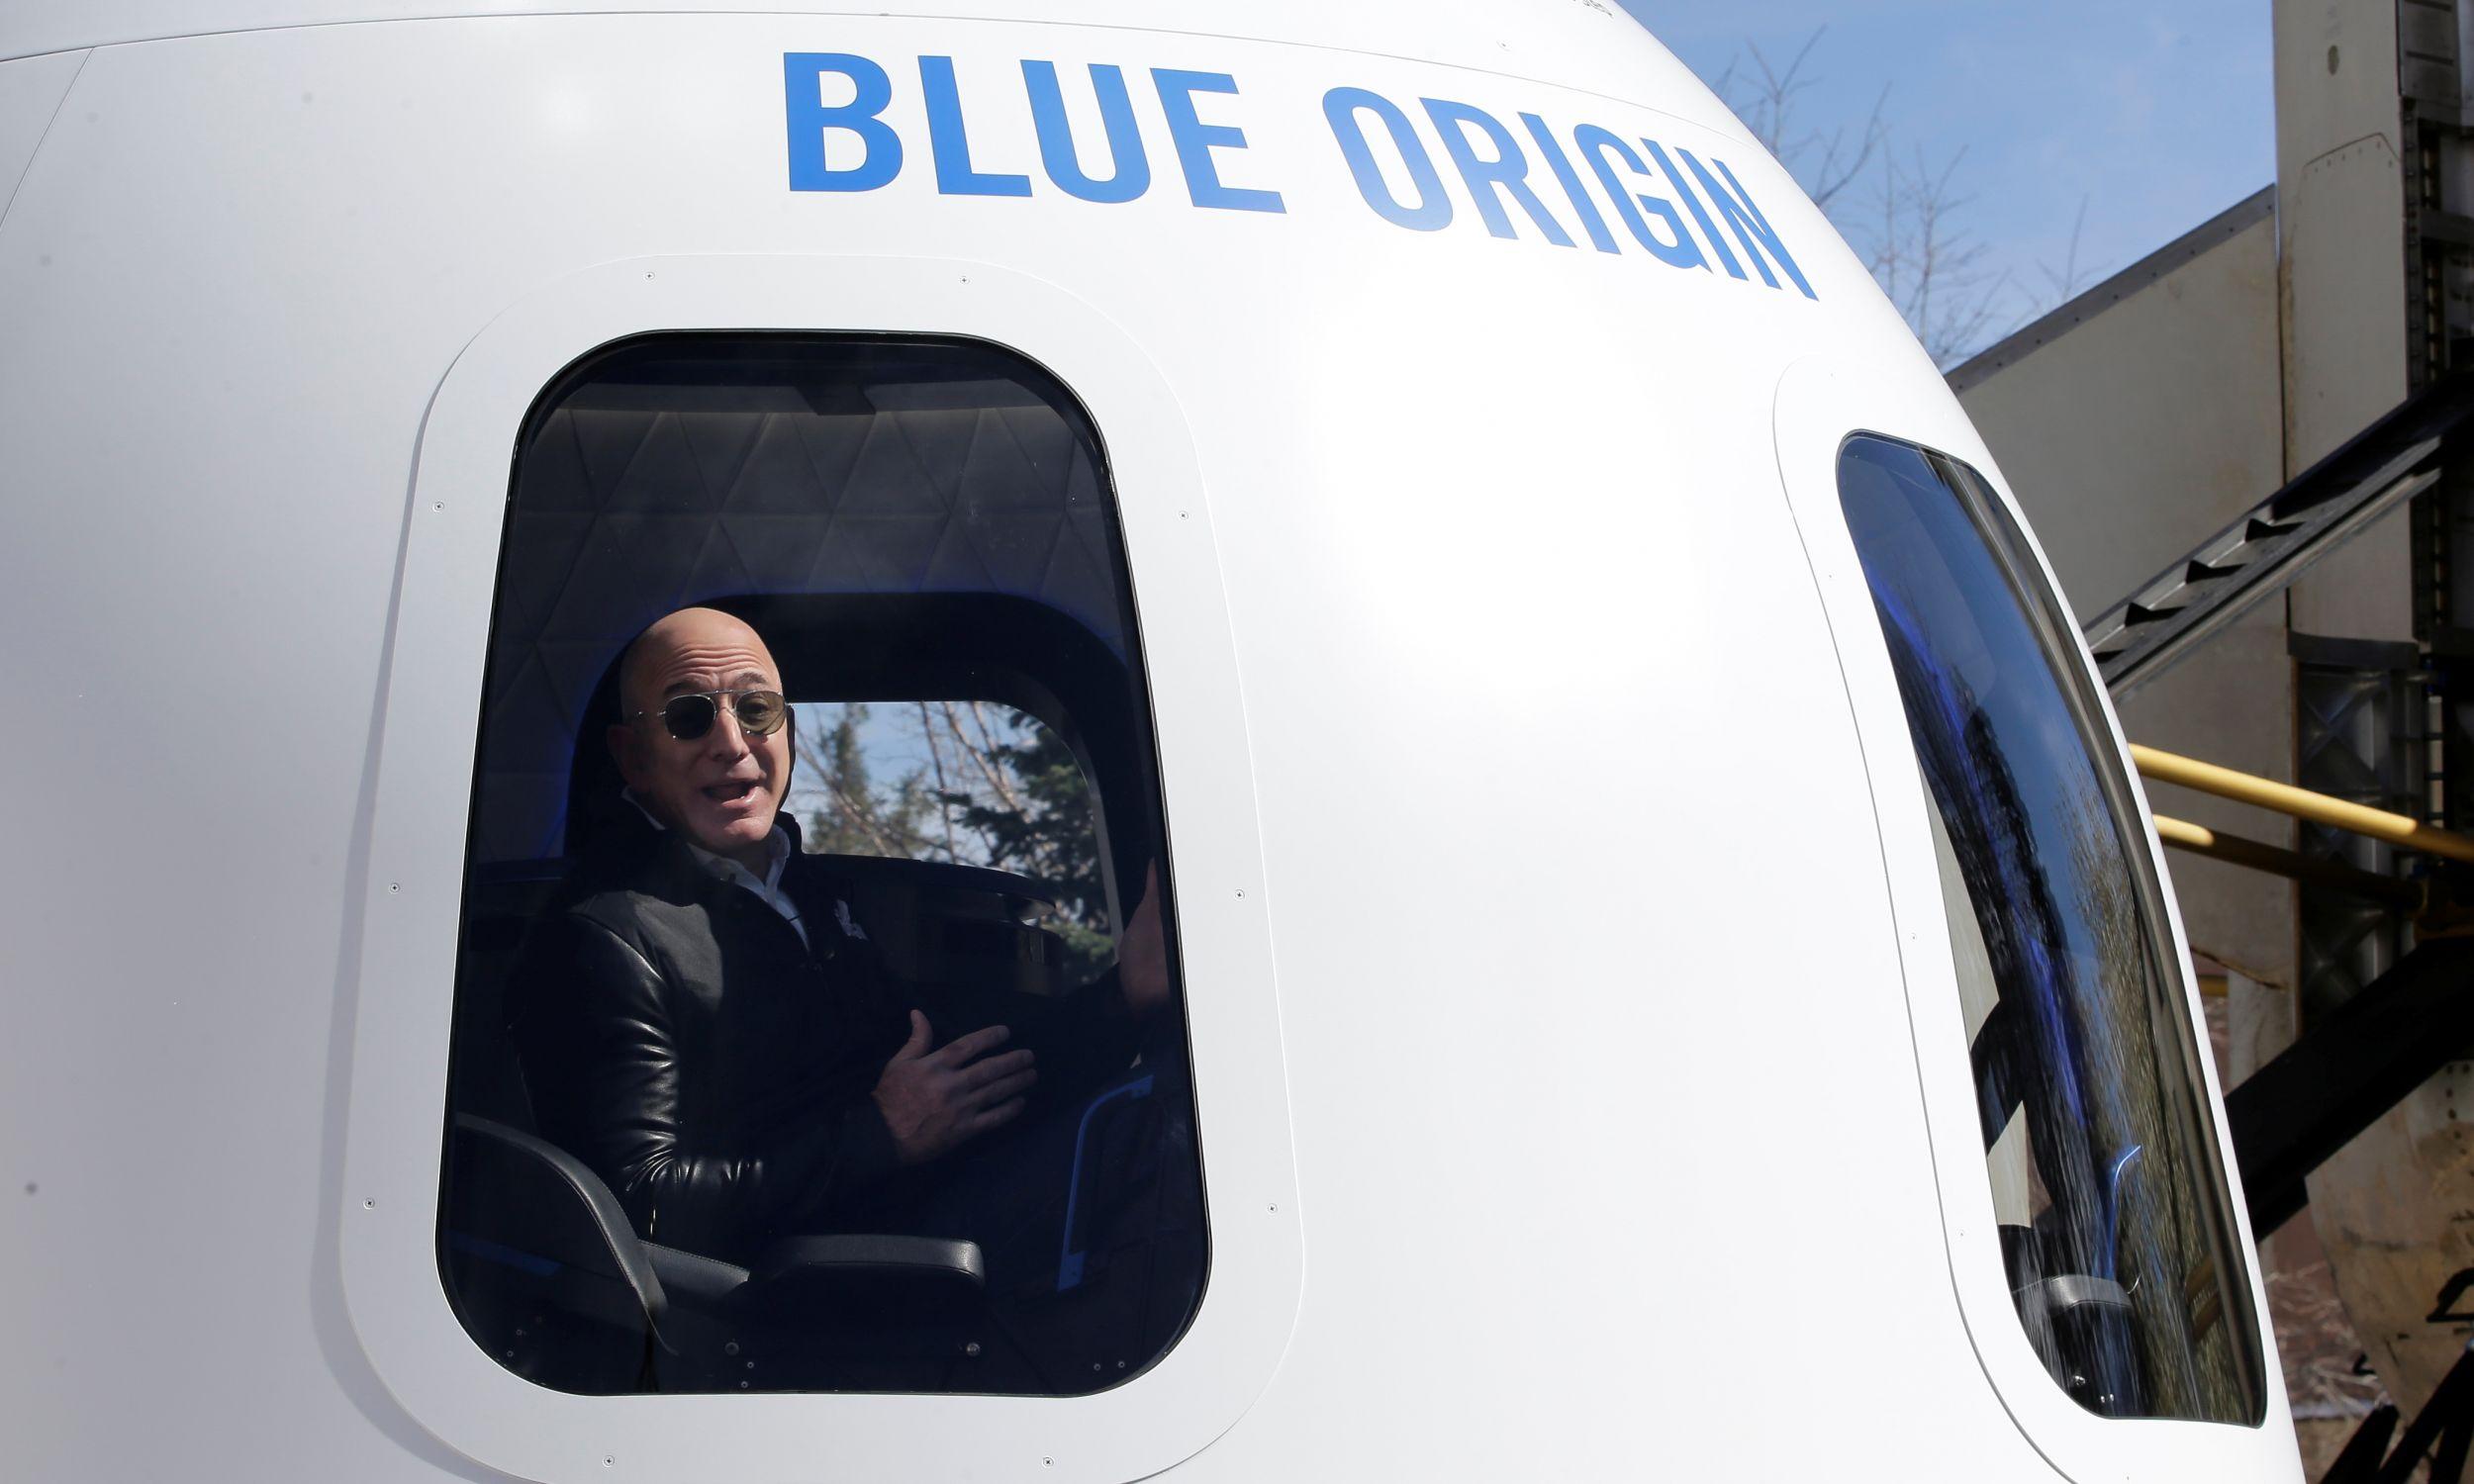 """Firma Blue Origin, """"kosmiczne dziecko"""" Jeffa Bezosa i ich kapsuła podczas 33. sympozjum kosmicznego w Colorado Springs w kwietniu 2017 roku. Fot. Reuters/Isaiah J. Downing"""